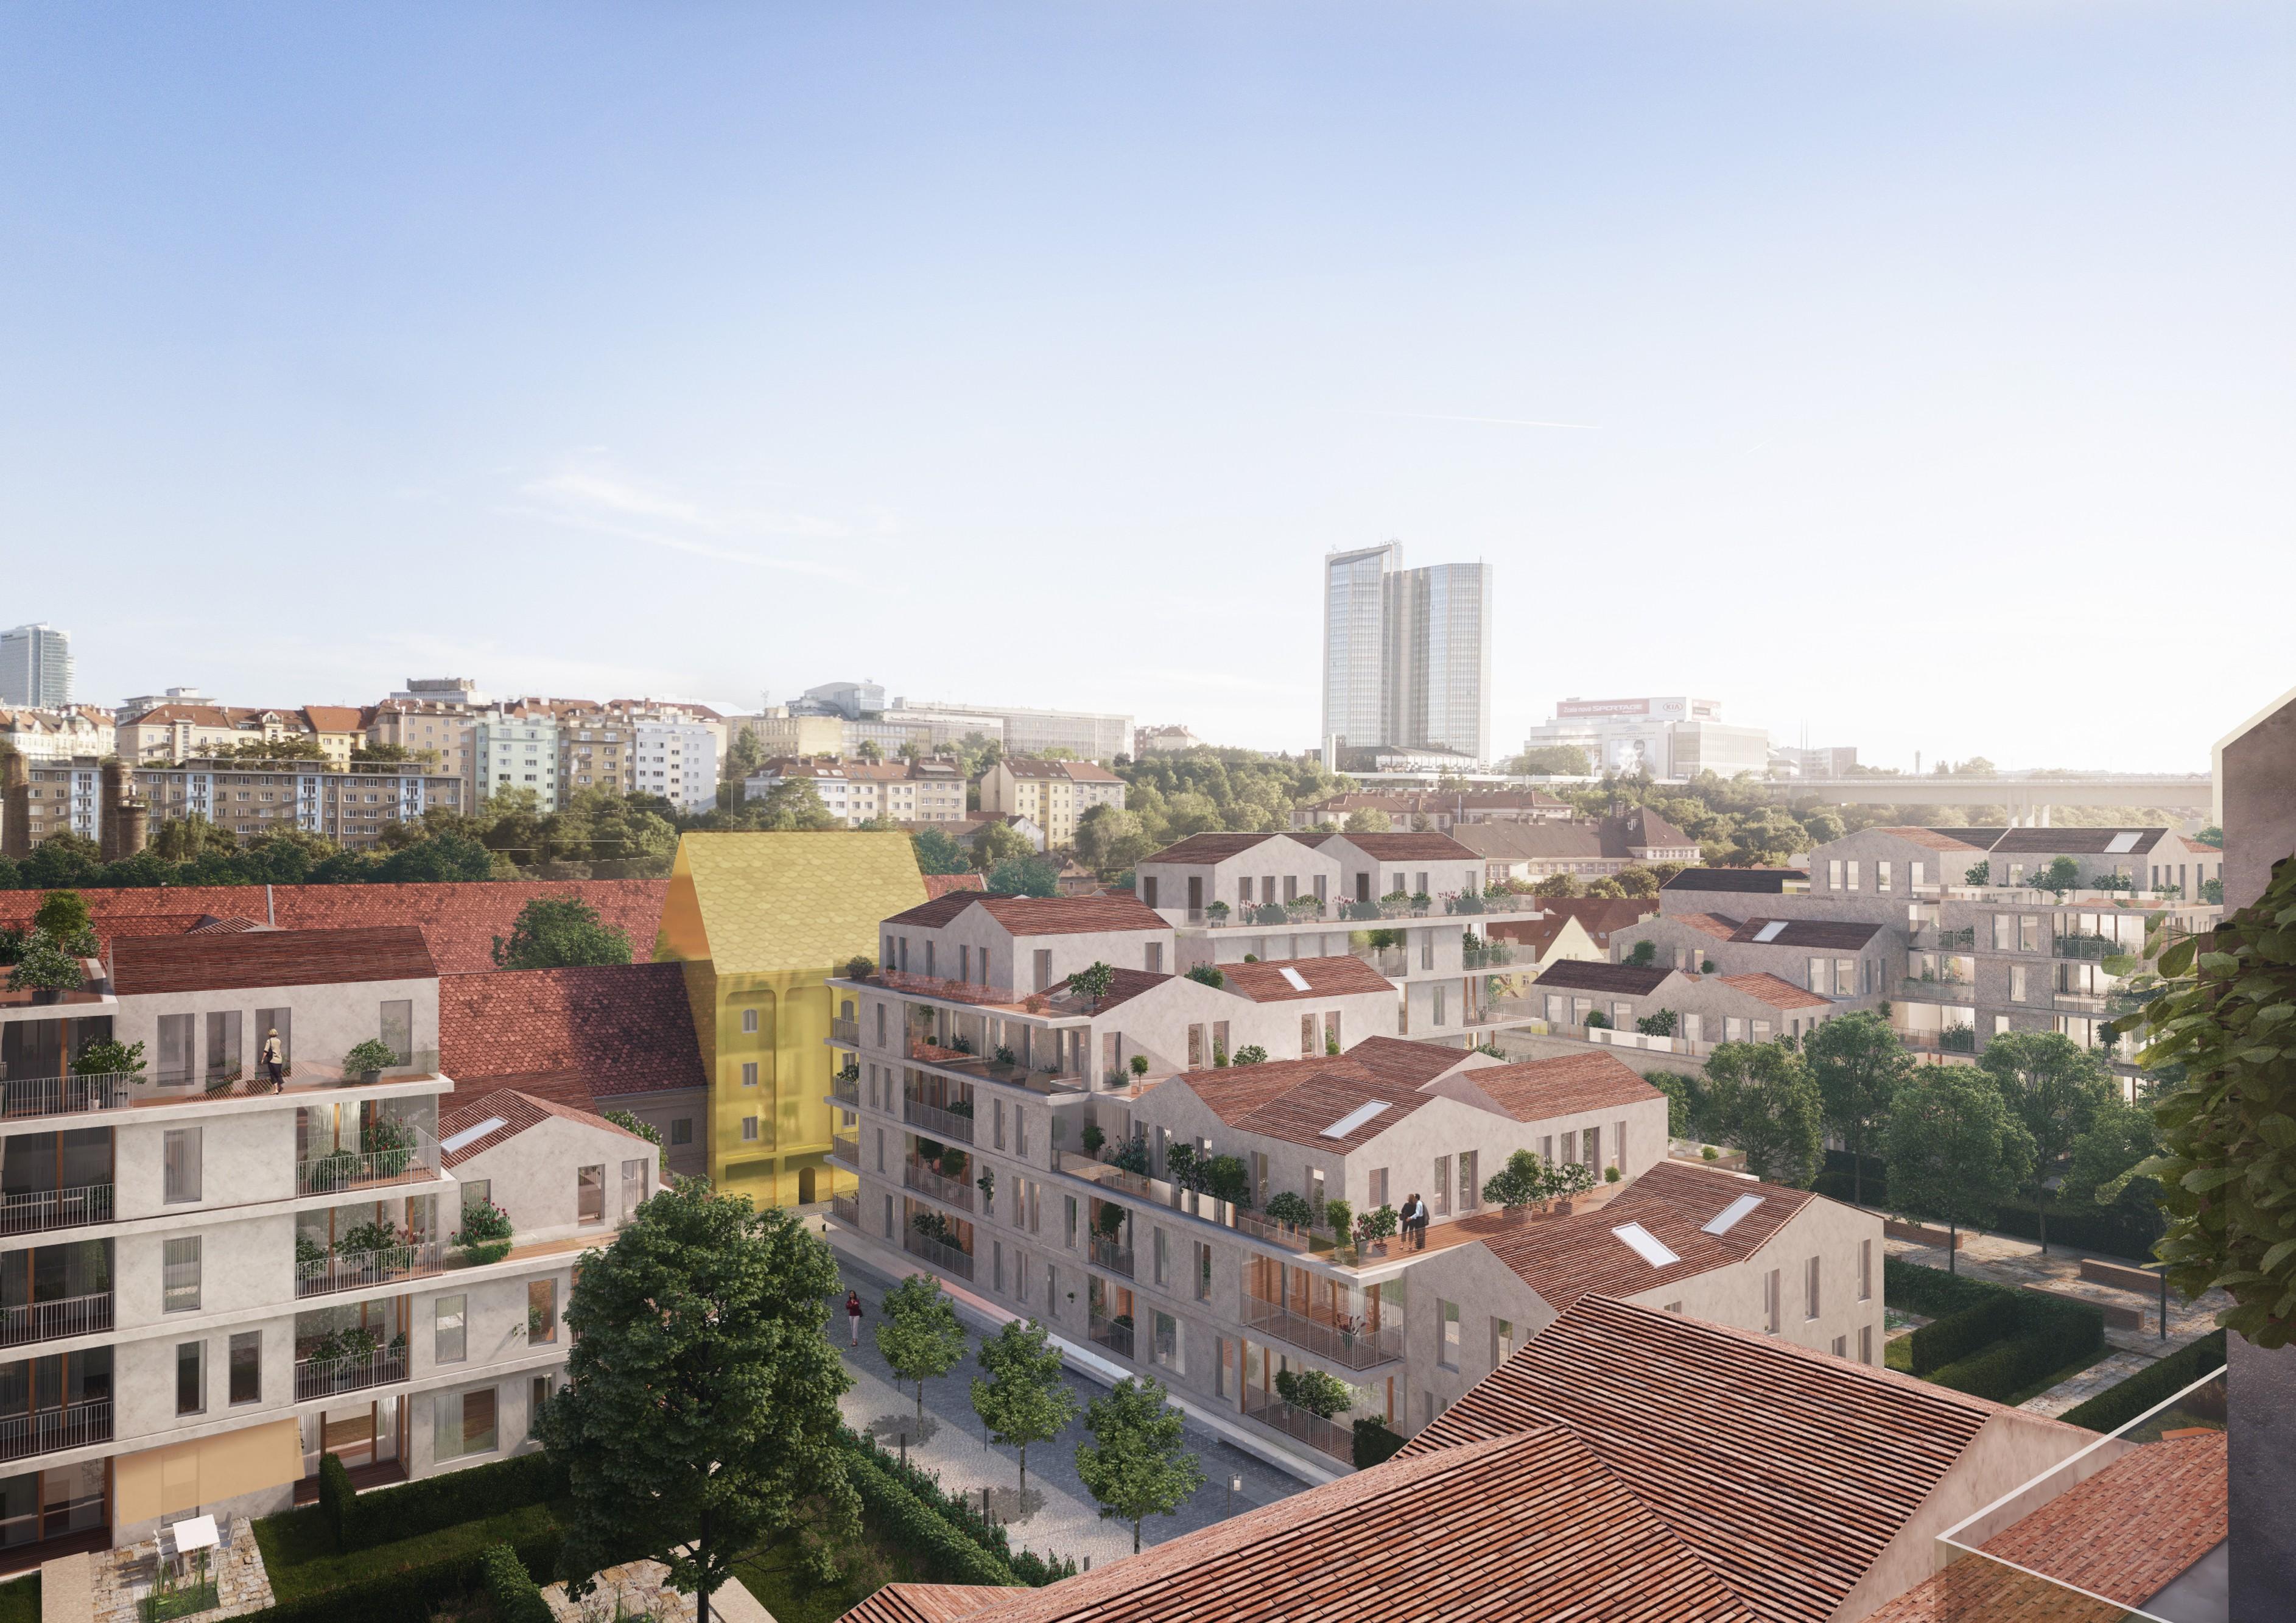 Veřejné uliční prostory uvnitř obytné skupiny mají charakter pěší zóny a tvoří nesmírně cenné předpolí k vlastním domům.